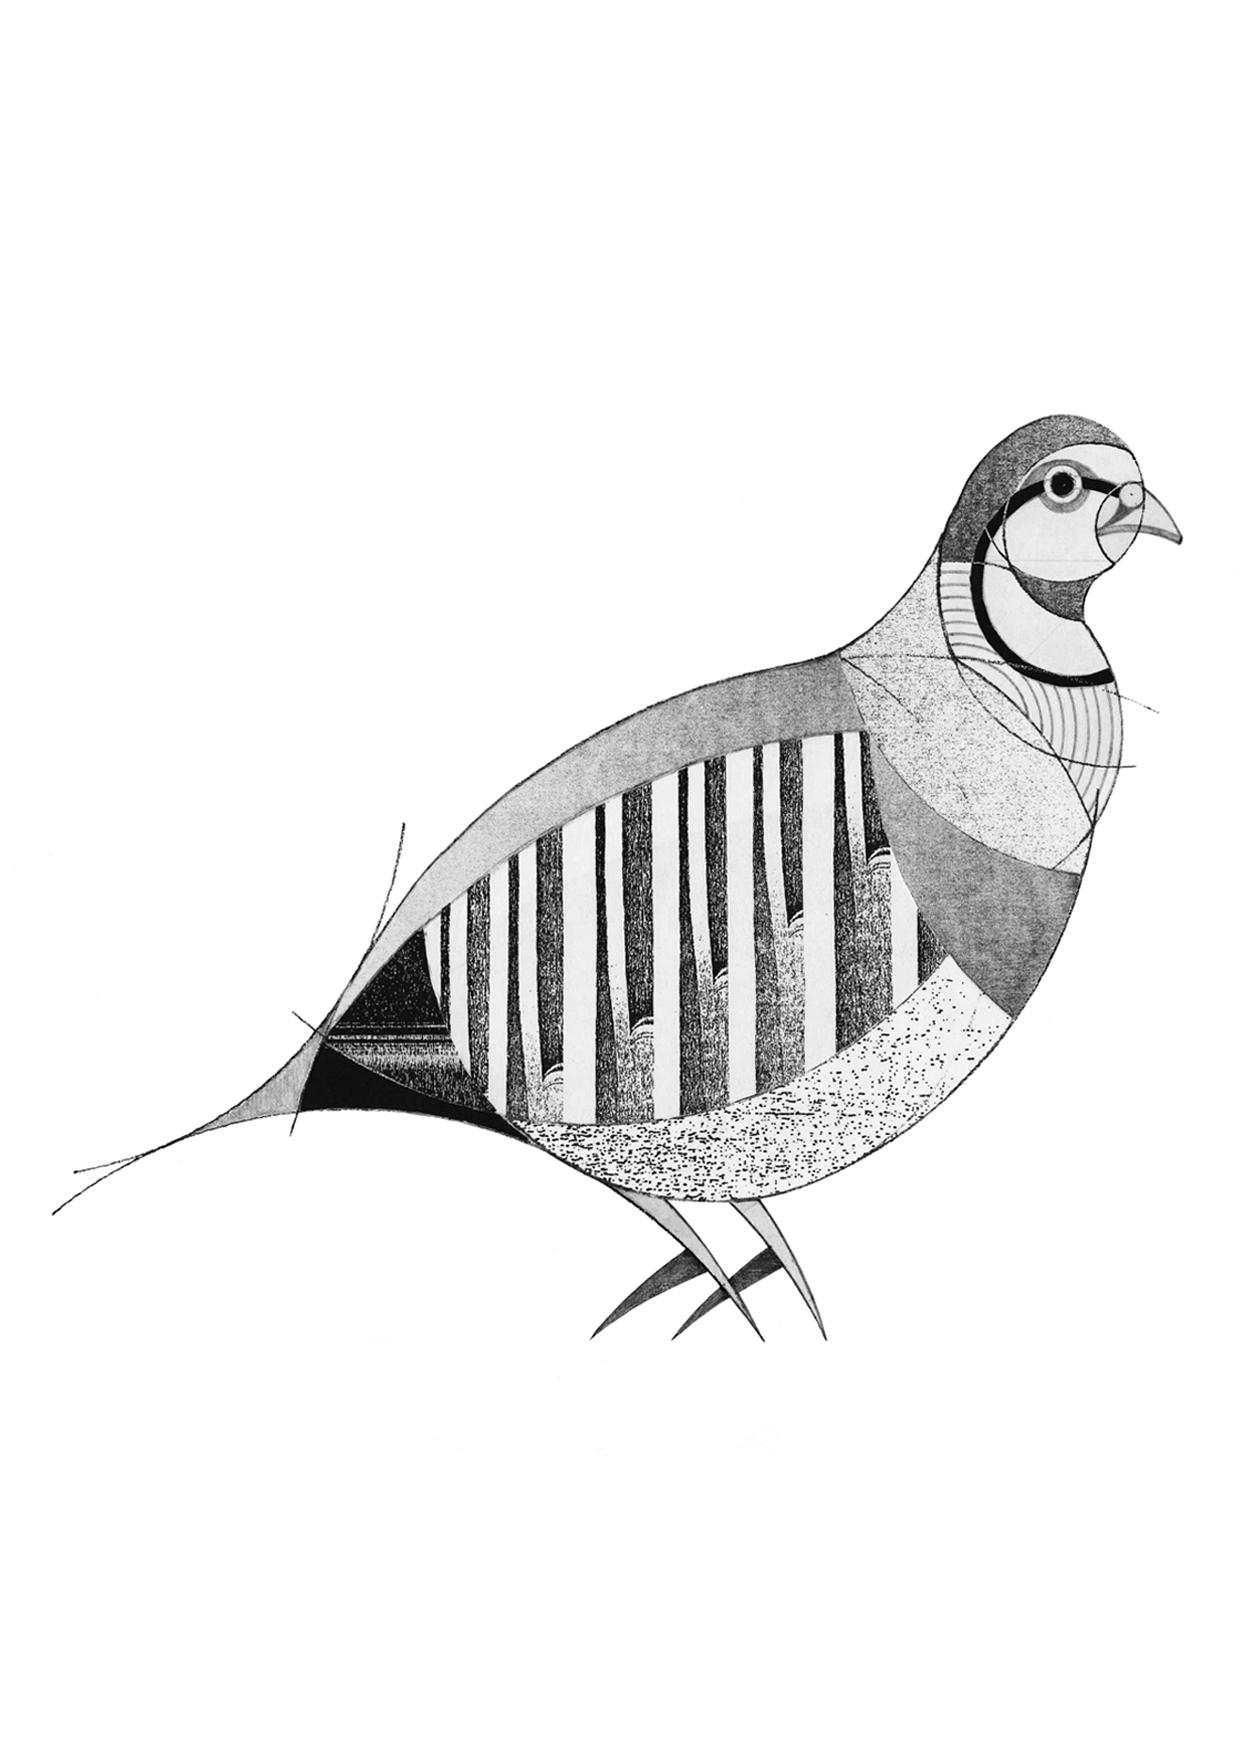 partridge (2013)